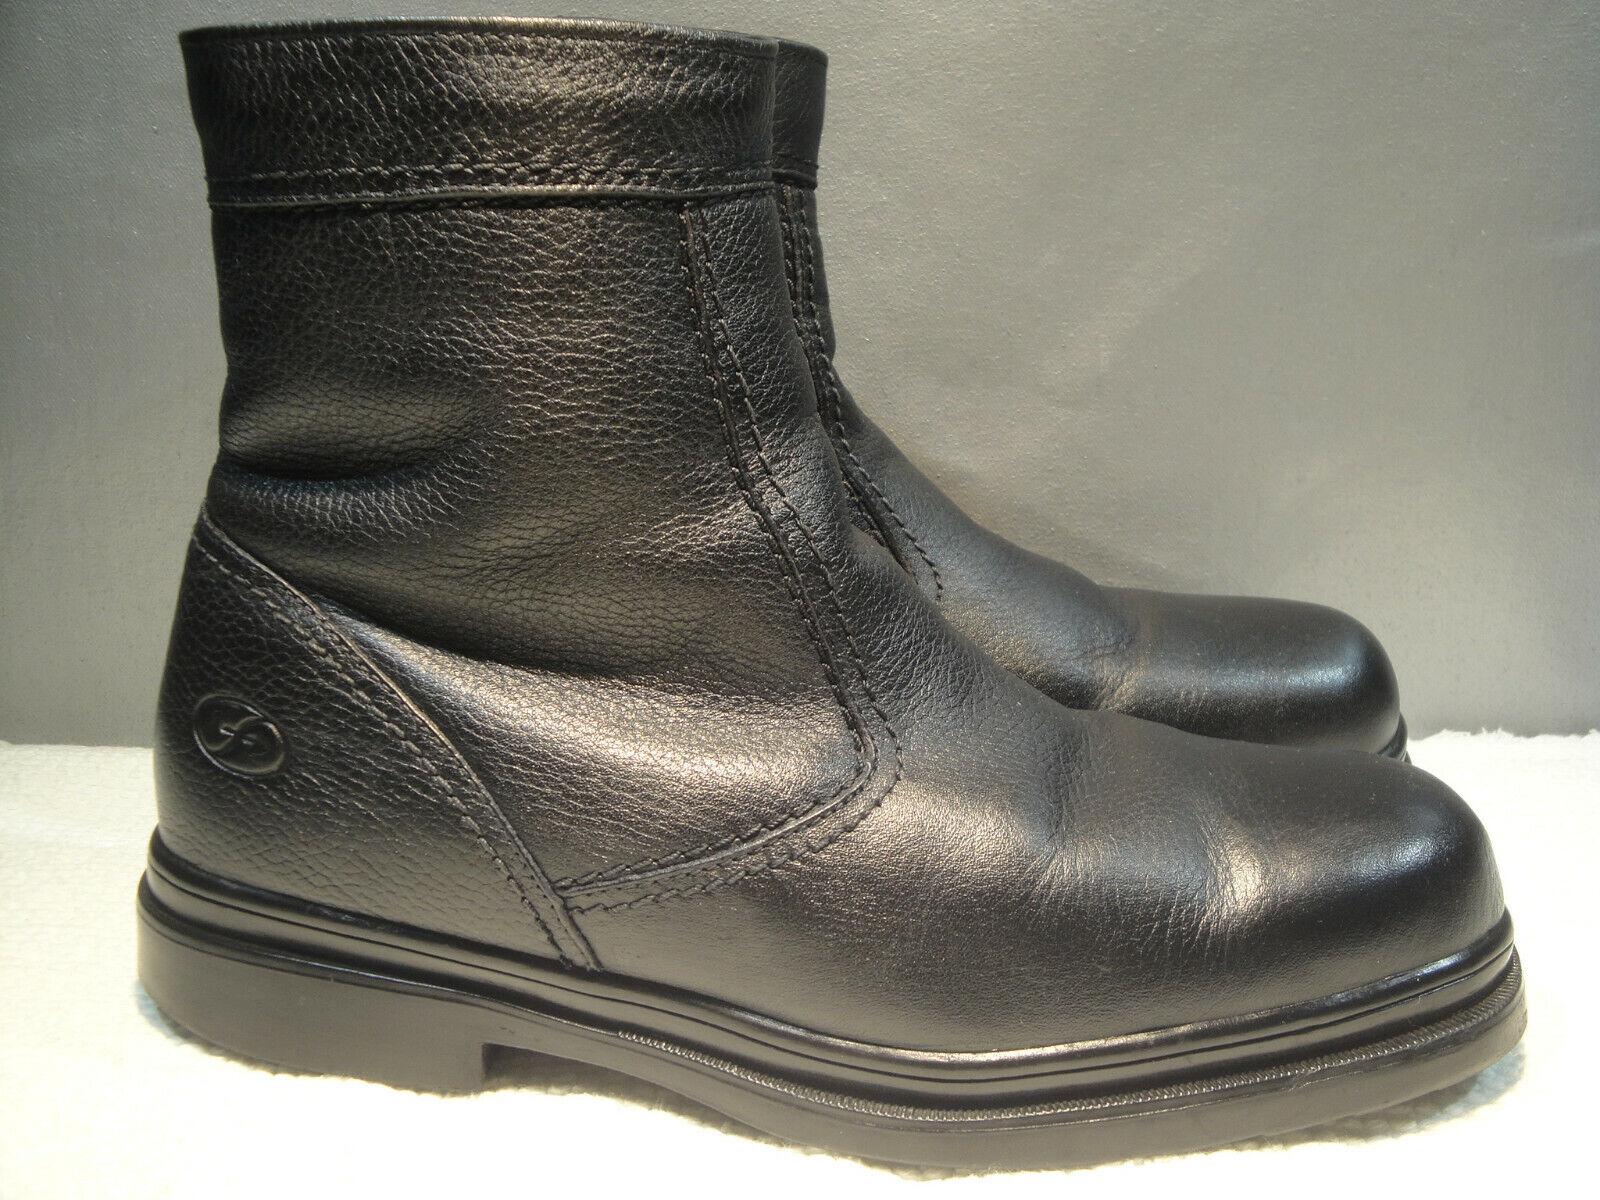 Para hombres Cuero Negro Impermeable 11 M Florsheim Cálido botas De Cremallera De Vellón Comodidad